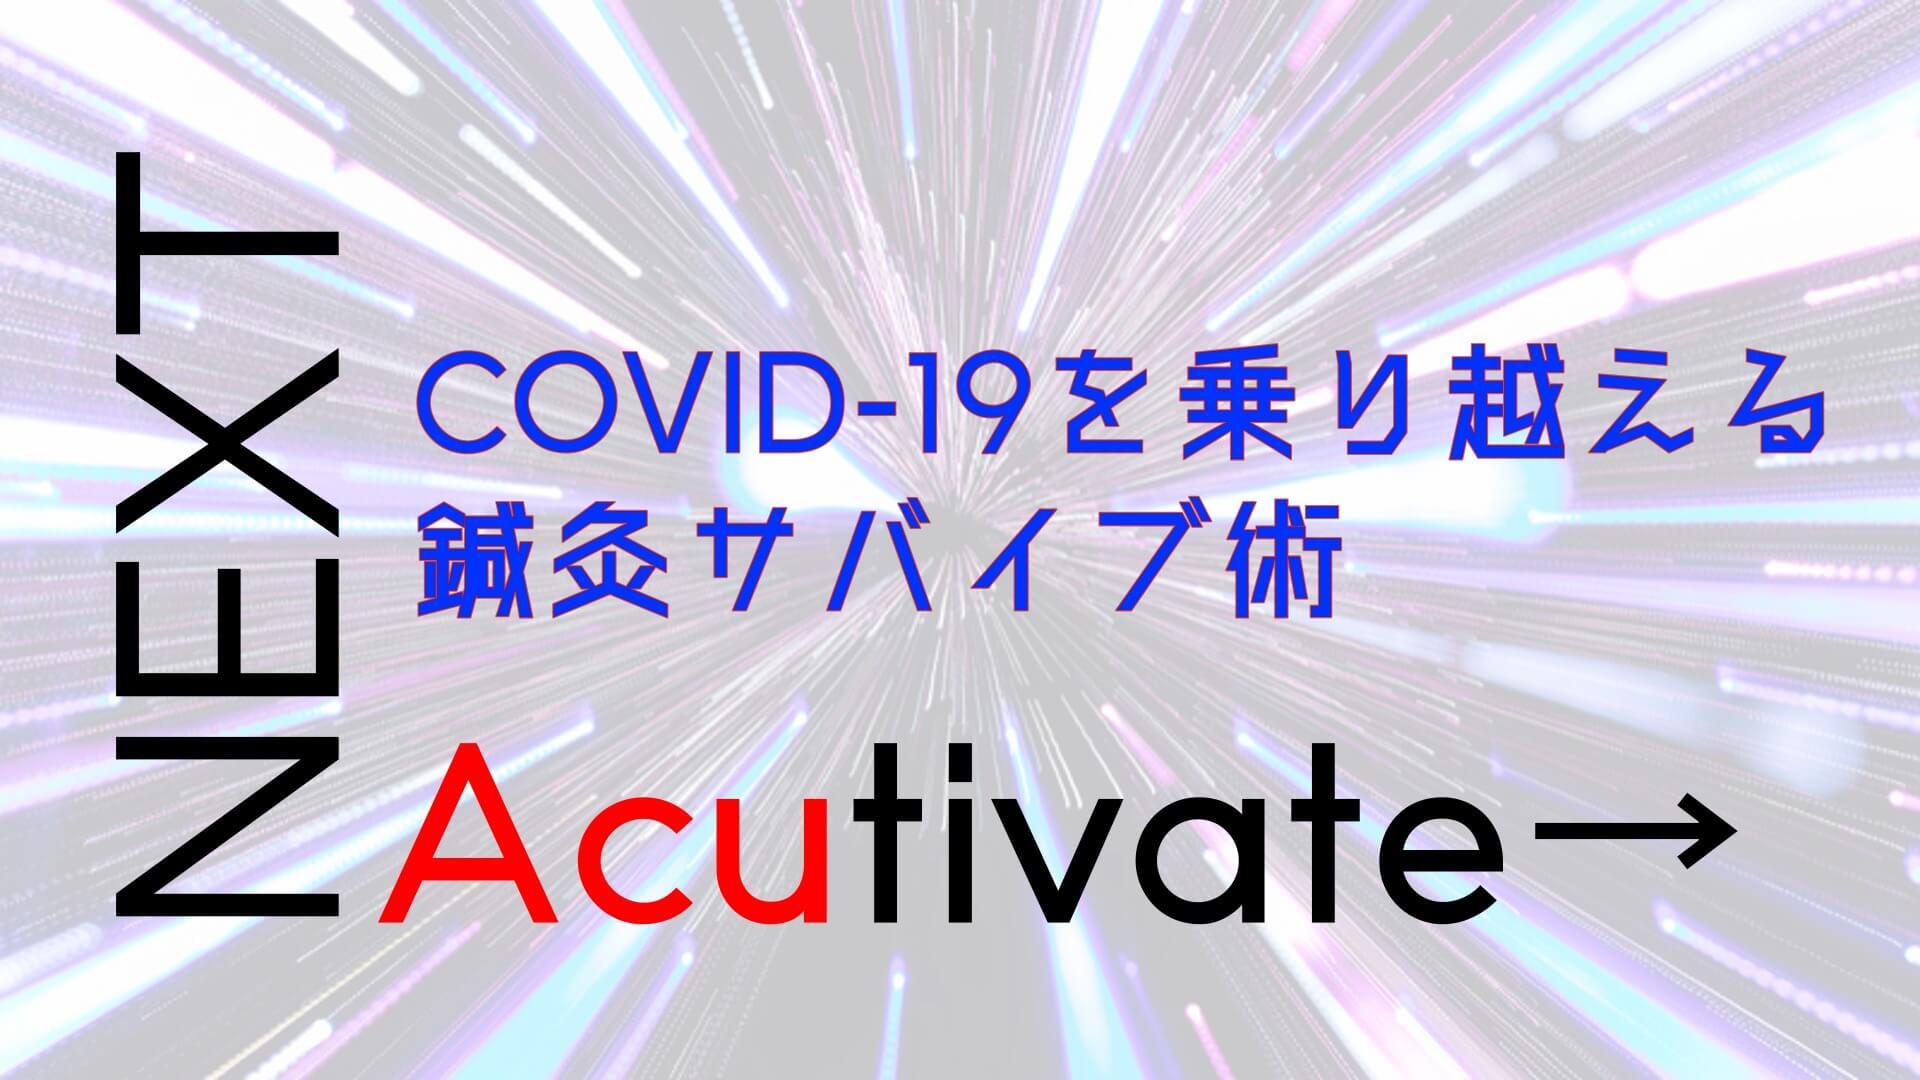 【3.0】COVID-19を乗り越える鍼灸サバイブ術【NEXTAcutivate→】